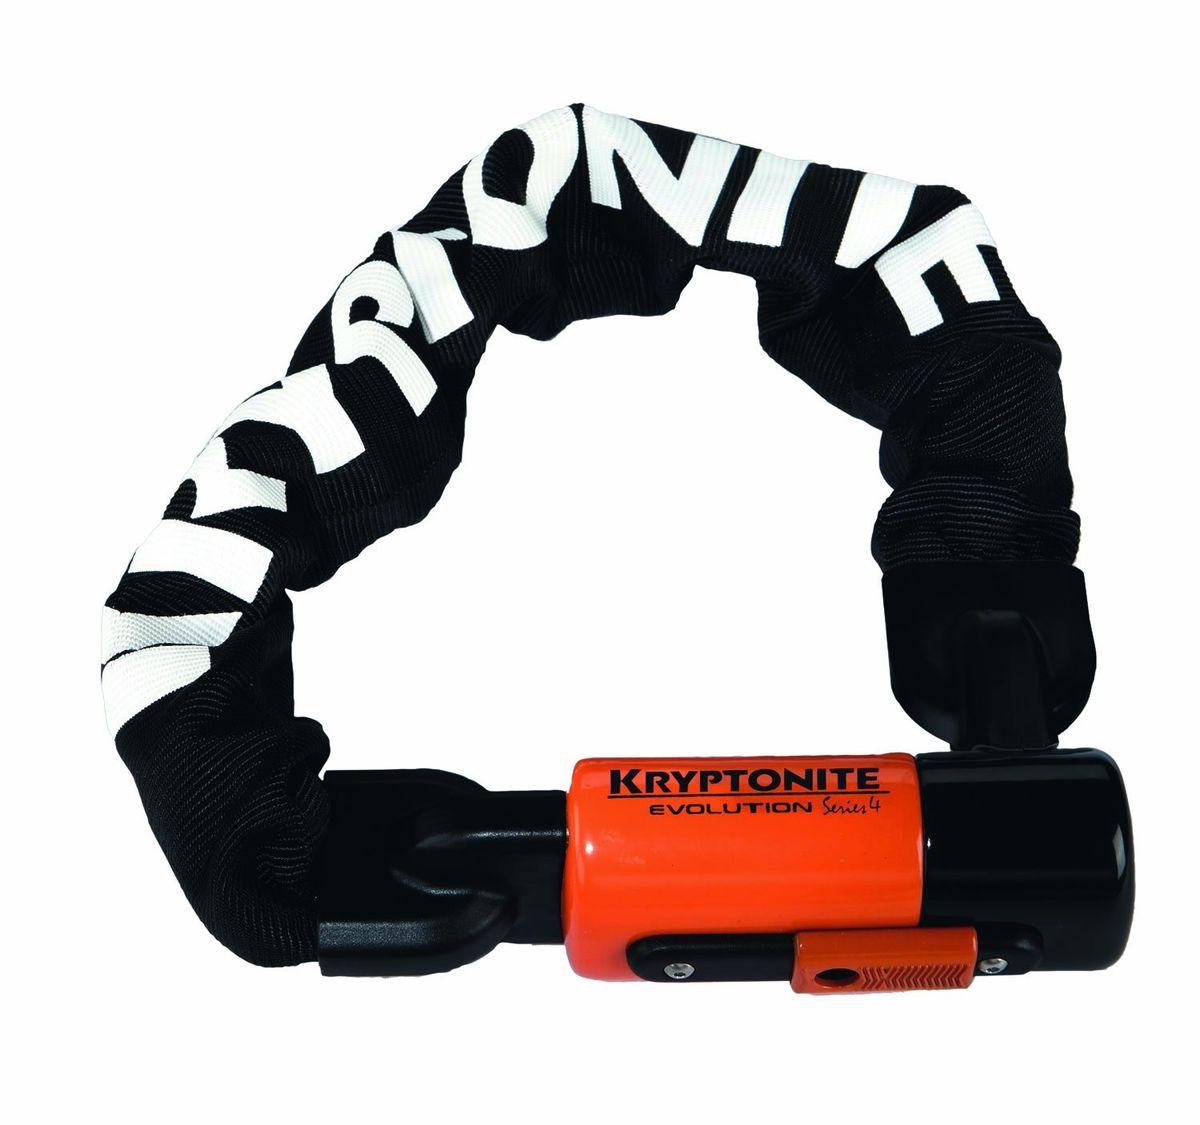 Замок велосипедный Kryptonite Chains Evolution Series 4 1090 Integrated Chain, черный, 10mm x 90cm0720018000808Цепь Kryptonite Evolution series 4 1090 — это прочная и надежная защита для вашего велосипеда. 8-я из 10 степень защиты. В комплекте идут 3 ключа, один из которых с подсветкой. - Закаленные звенья из марганцевой стали толщиной 10 мм - Покрытие цепи из нейлона, замка из винила - Компактные размеры - 3 ключа в комплекте, один из которых с подсветкой - Программа Key Safe (заказ дополнительного ключа при потере) - Уровень защиты 8 из 10 Диаметр звена цепи: 10 мм Длина цепи: 90 см Вес модели: 2,77 кг.